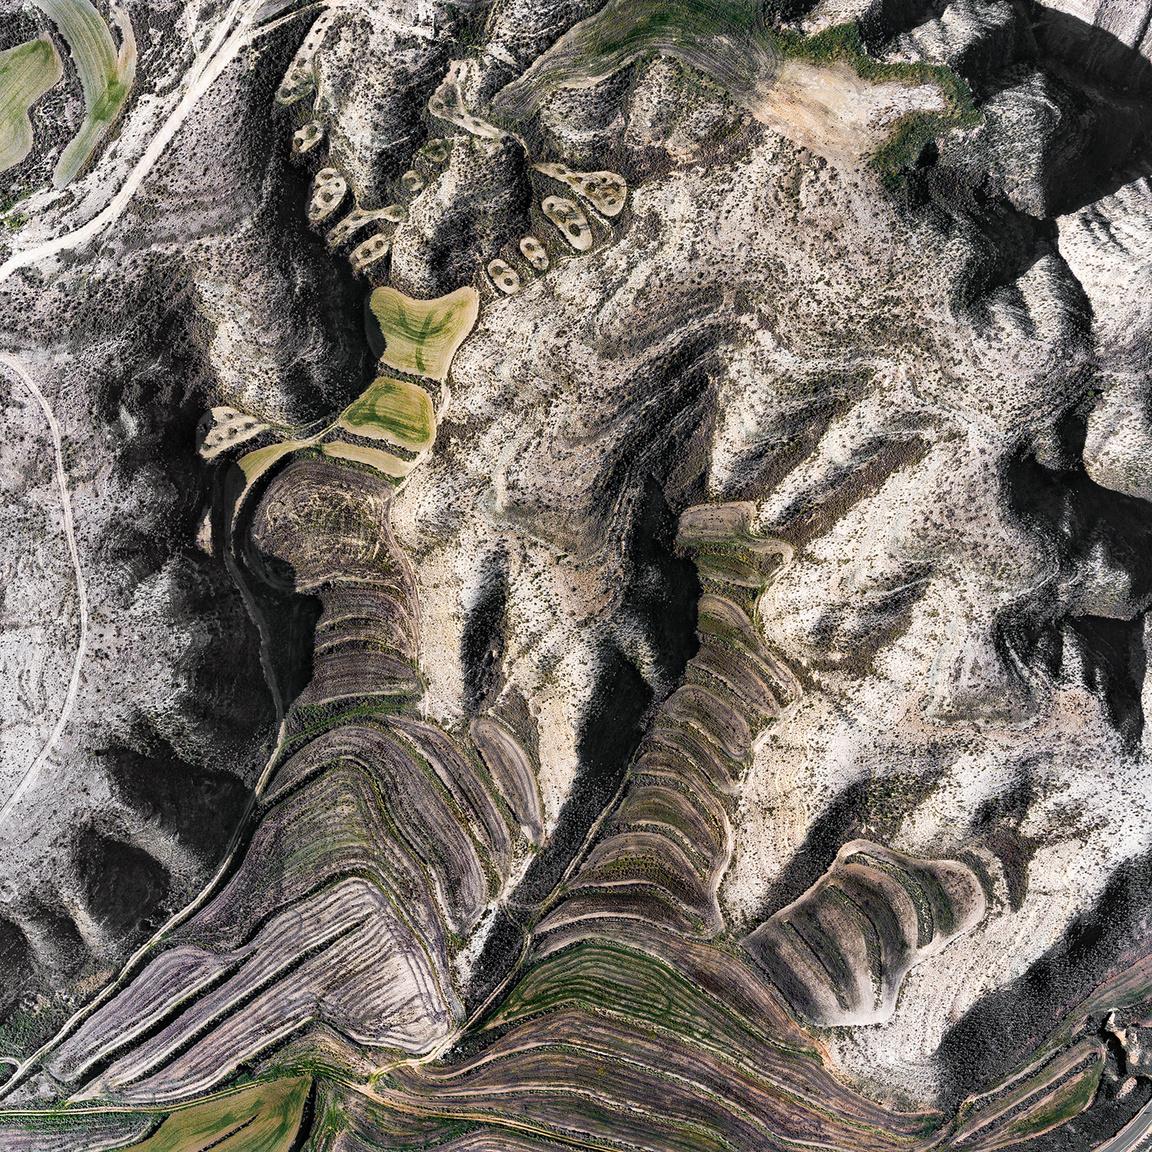 Calle ColladosDombok közti lankás területen kialakított búzamezők, ahol a dombokról lezúduló vizek hordalék formájában lerakták a termő táptalaj alapjait.Jualin, Zaragoza, Spanyolország. 2018.12.30.A képen látható terület szélessége: 640 m.